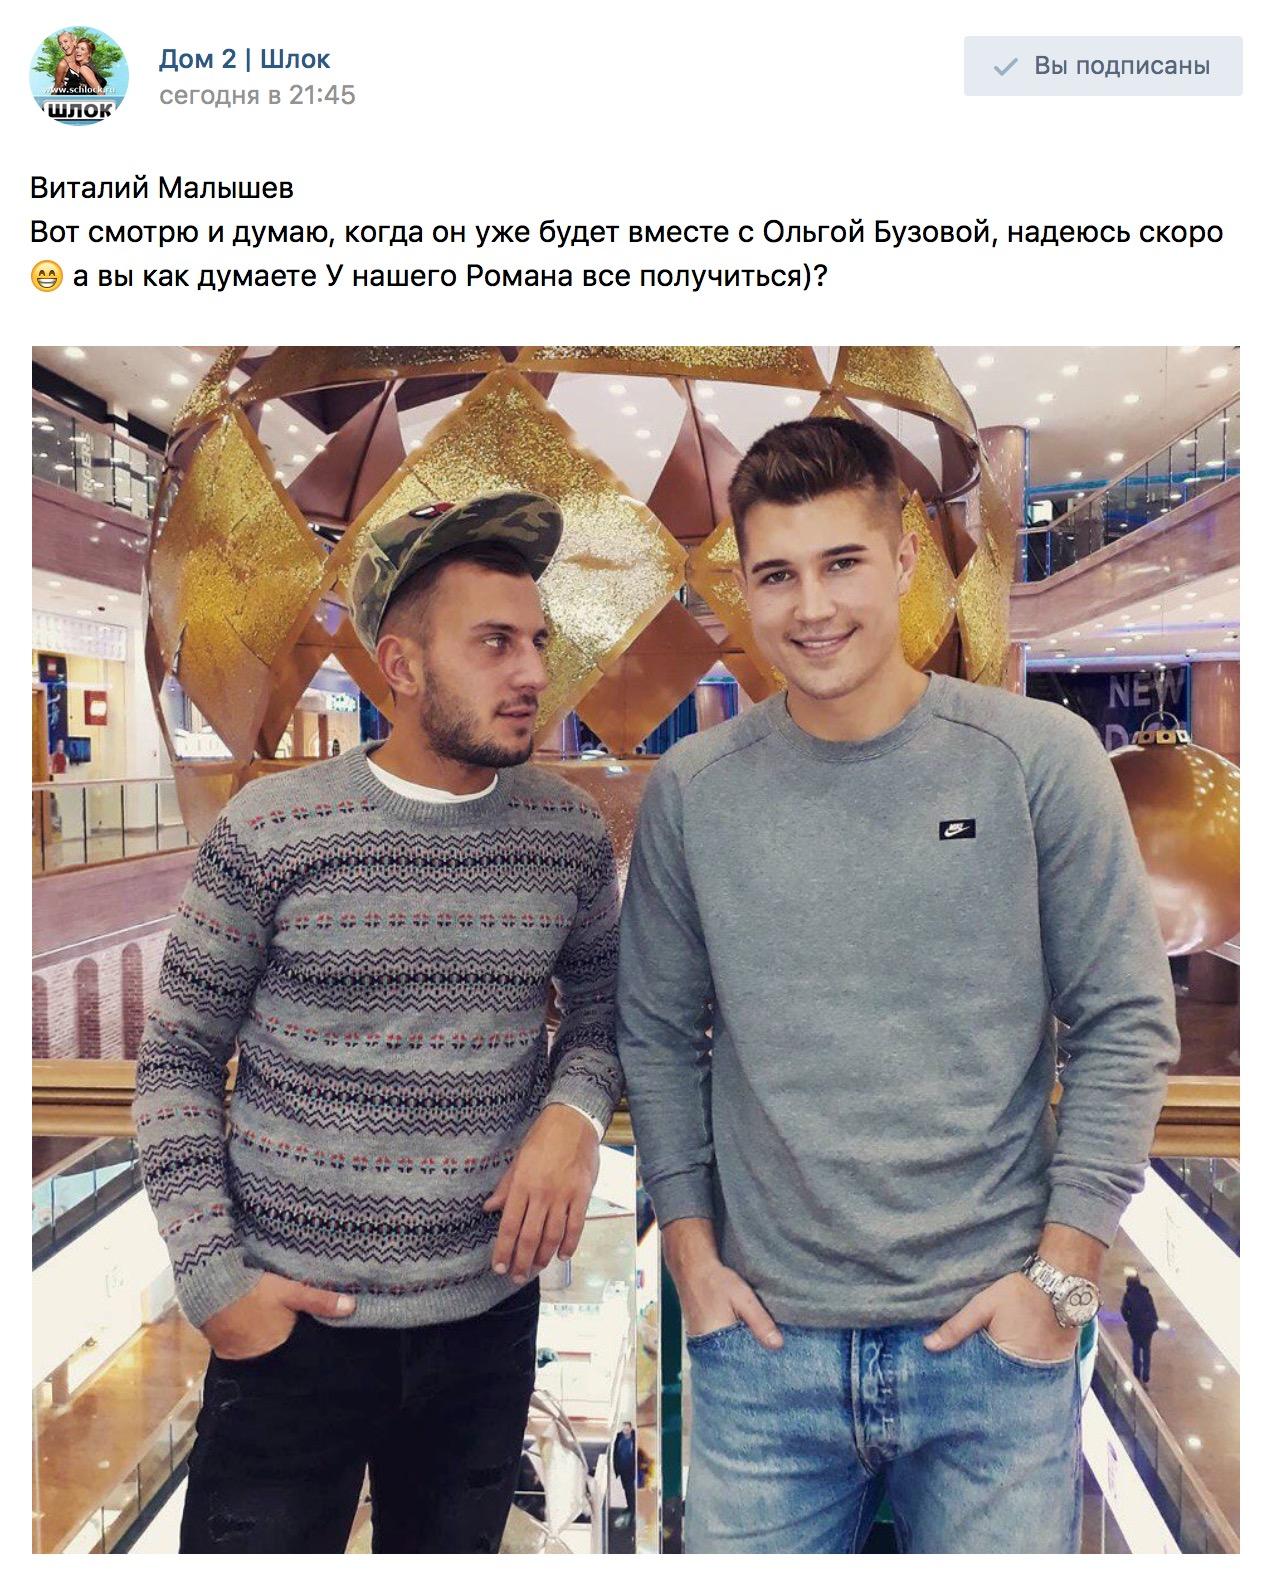 Когда он уже будет вместе с Ольгой Бузовой